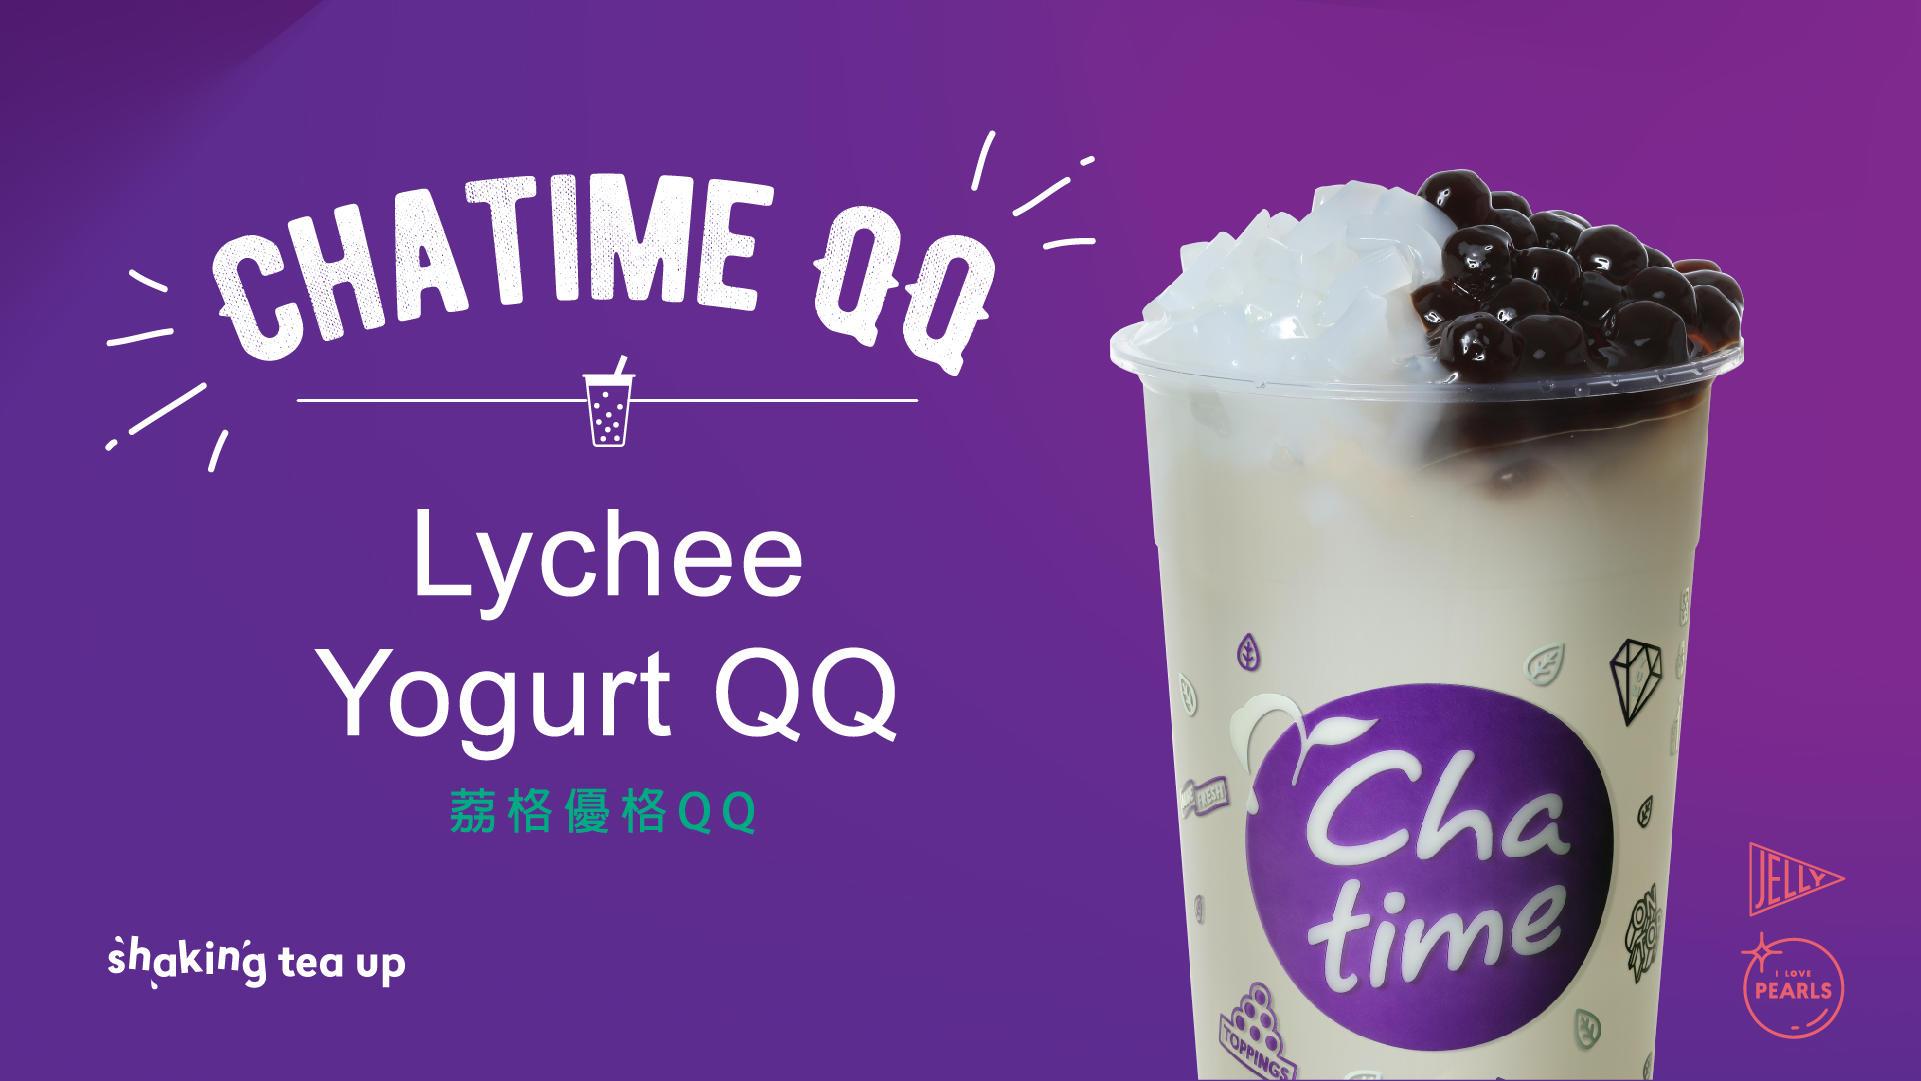 Chatime Bubble Tea & Slurping Noodles image 50